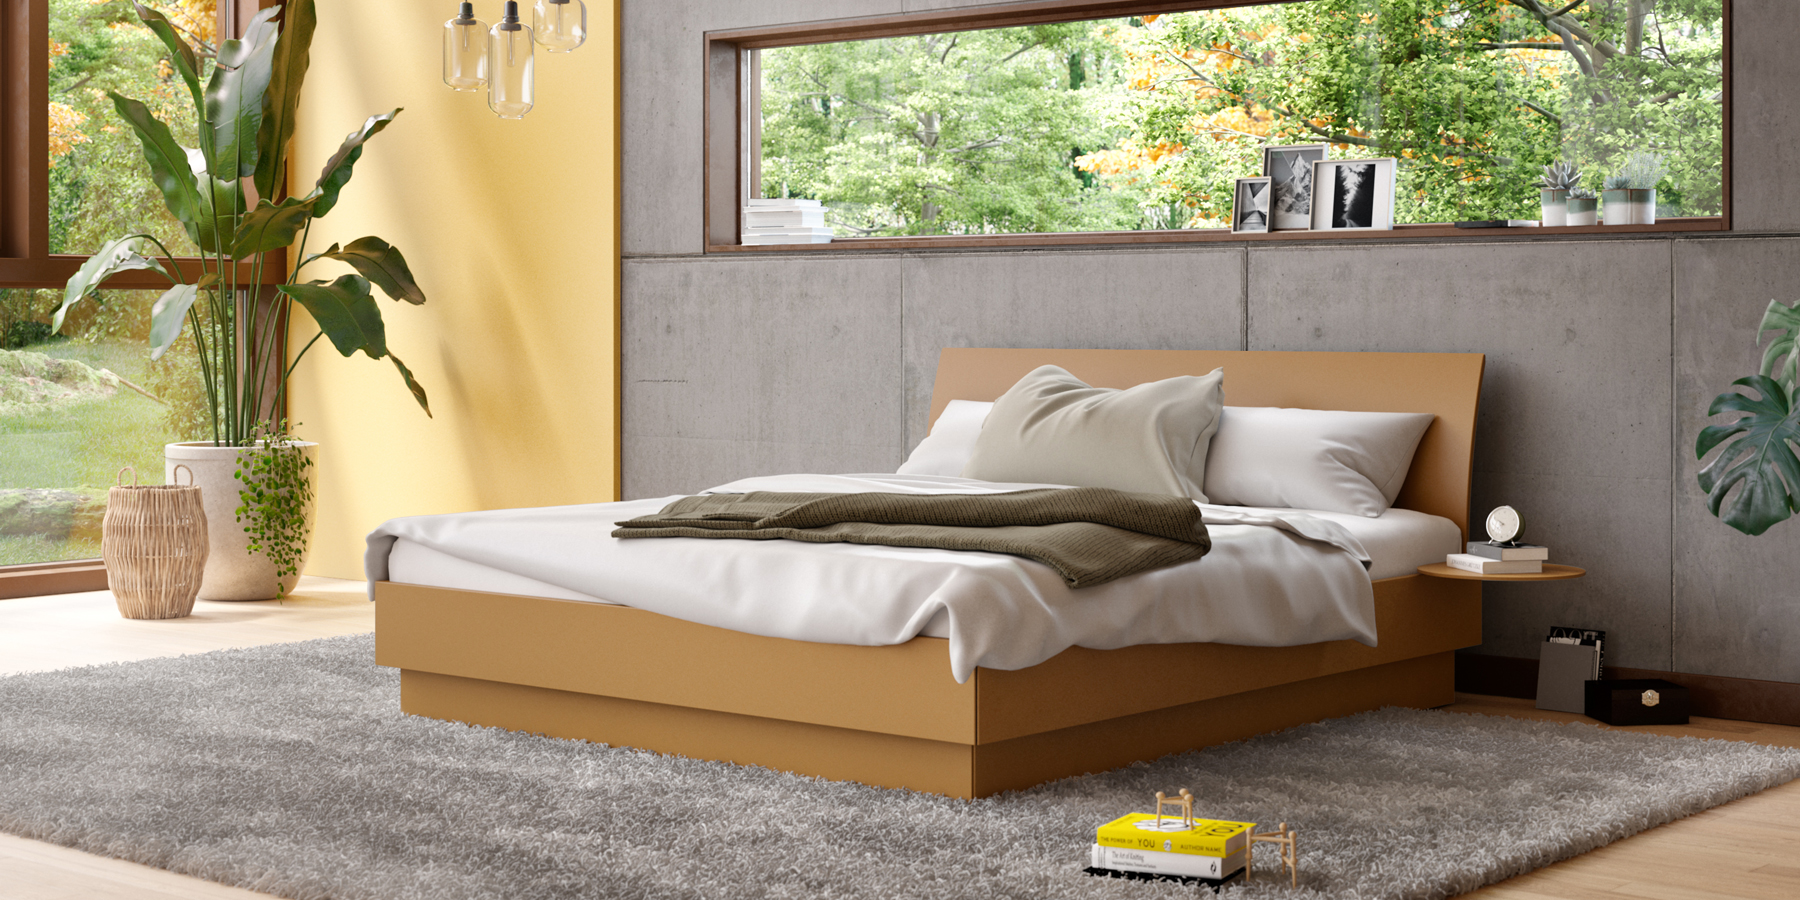 Full Size of Niedrige Betten Izzy Interlbke Düsseldorf Mit Stauraum Amazon 180x200 Französische Luxus Tagesdecken Für Ottoversand Frankfurt überlänge Schlafzimmer Wohnzimmer Niedrige Betten